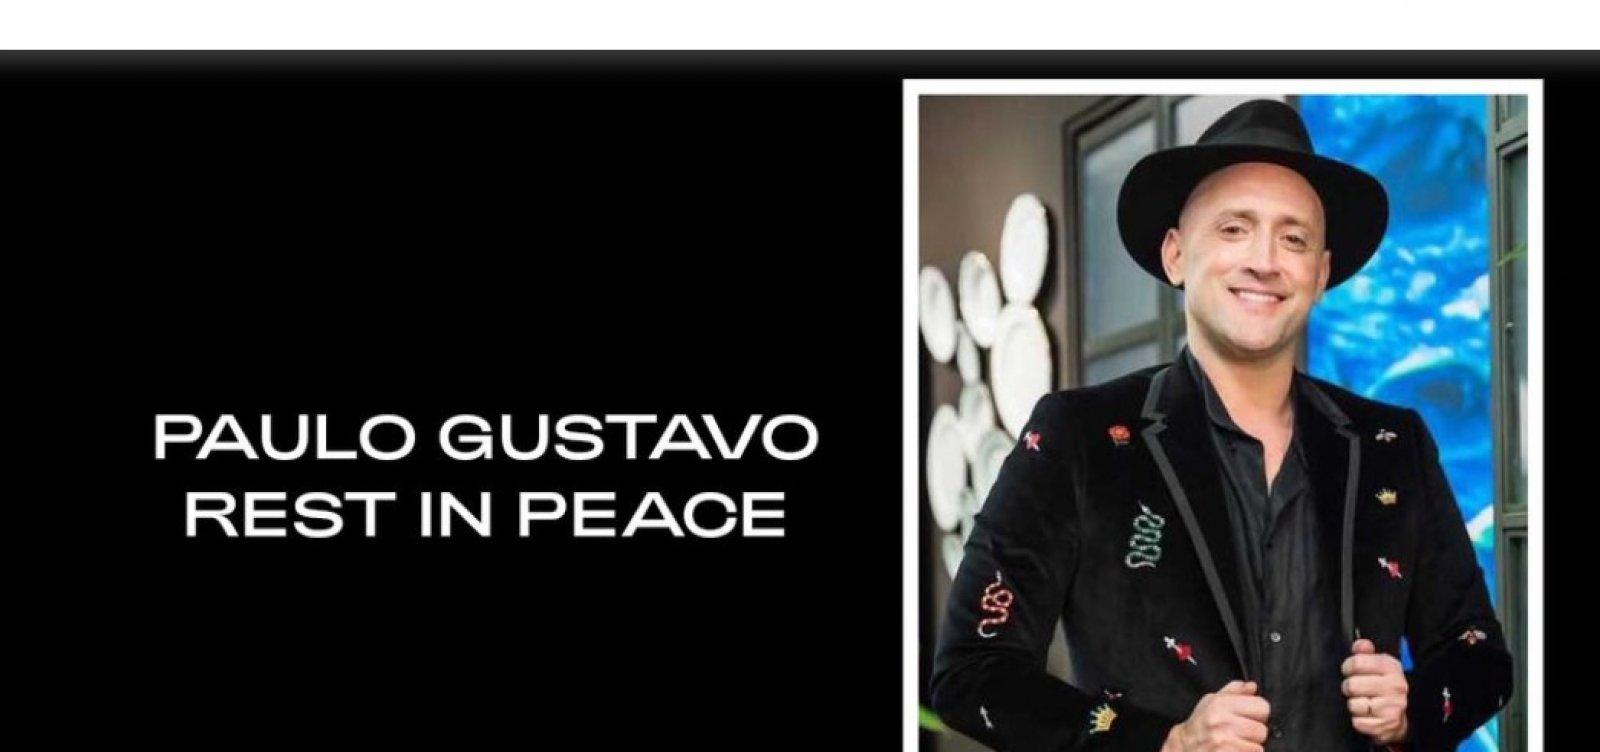 Beyoncé presta homenagem a Paulo Gustavo em site oficial